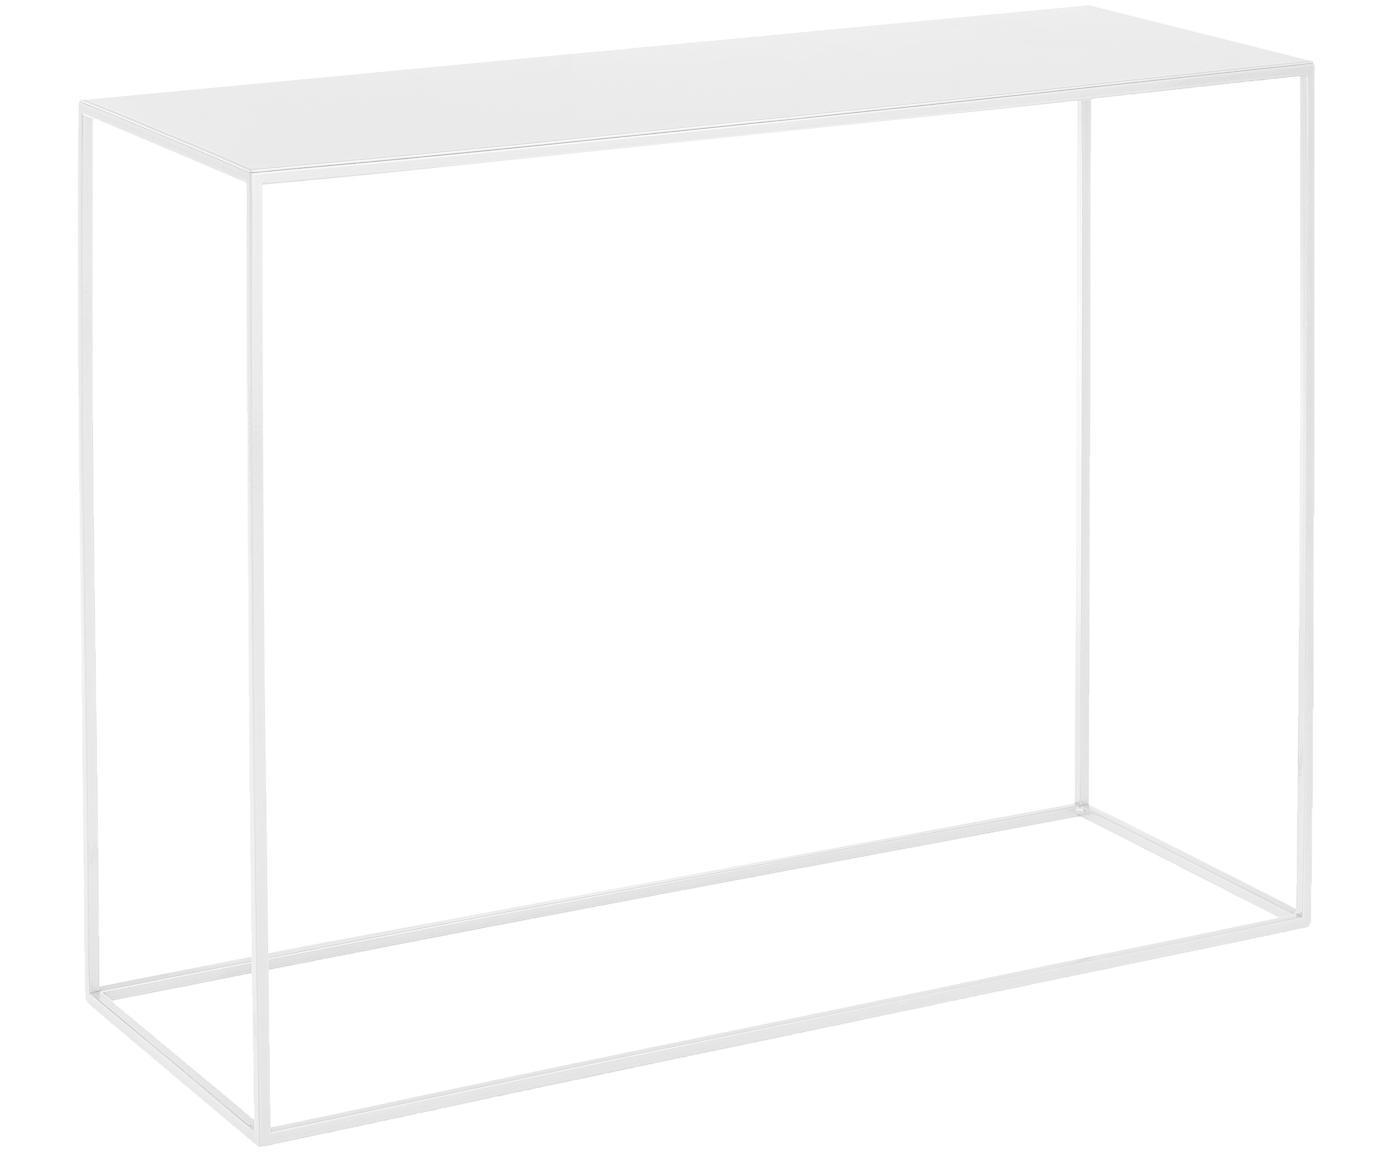 Consolle in metallo bianco Tensio, Metallo verniciato a polvere, Bianco, Larg. 100 x Prof. 35 cm